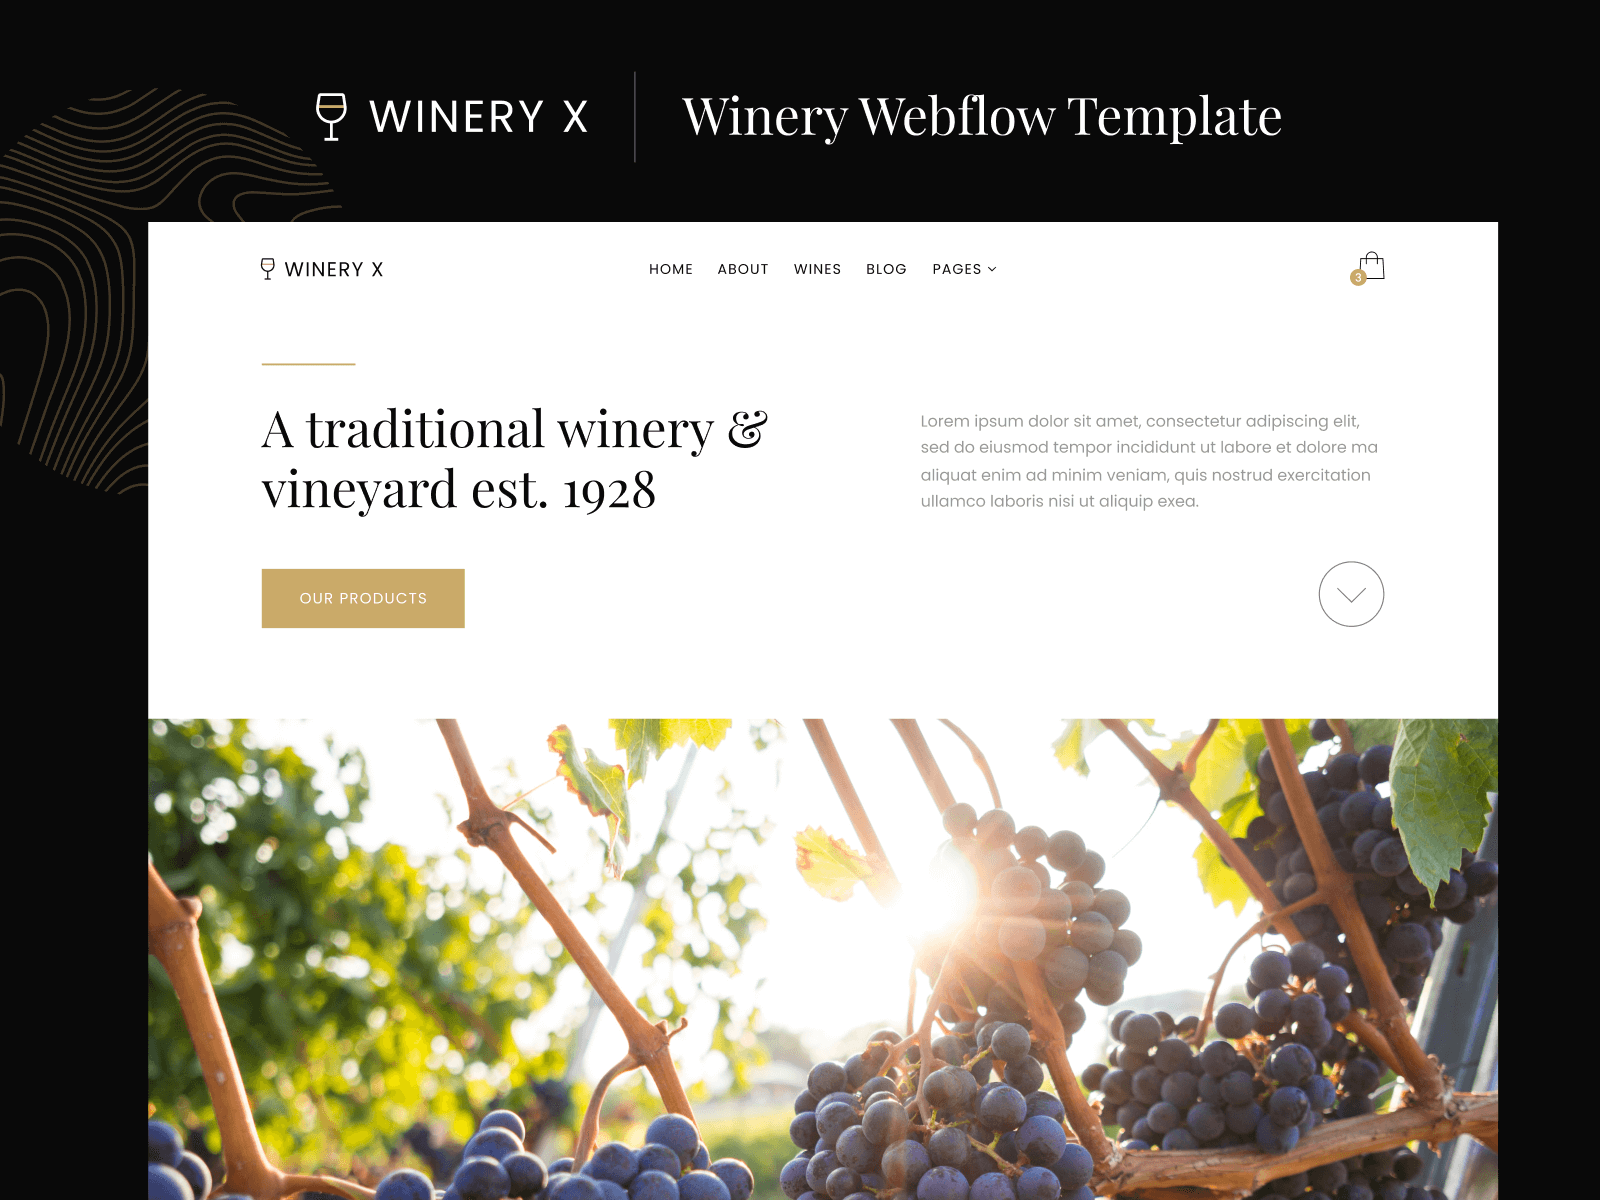 Winery Webflow Template